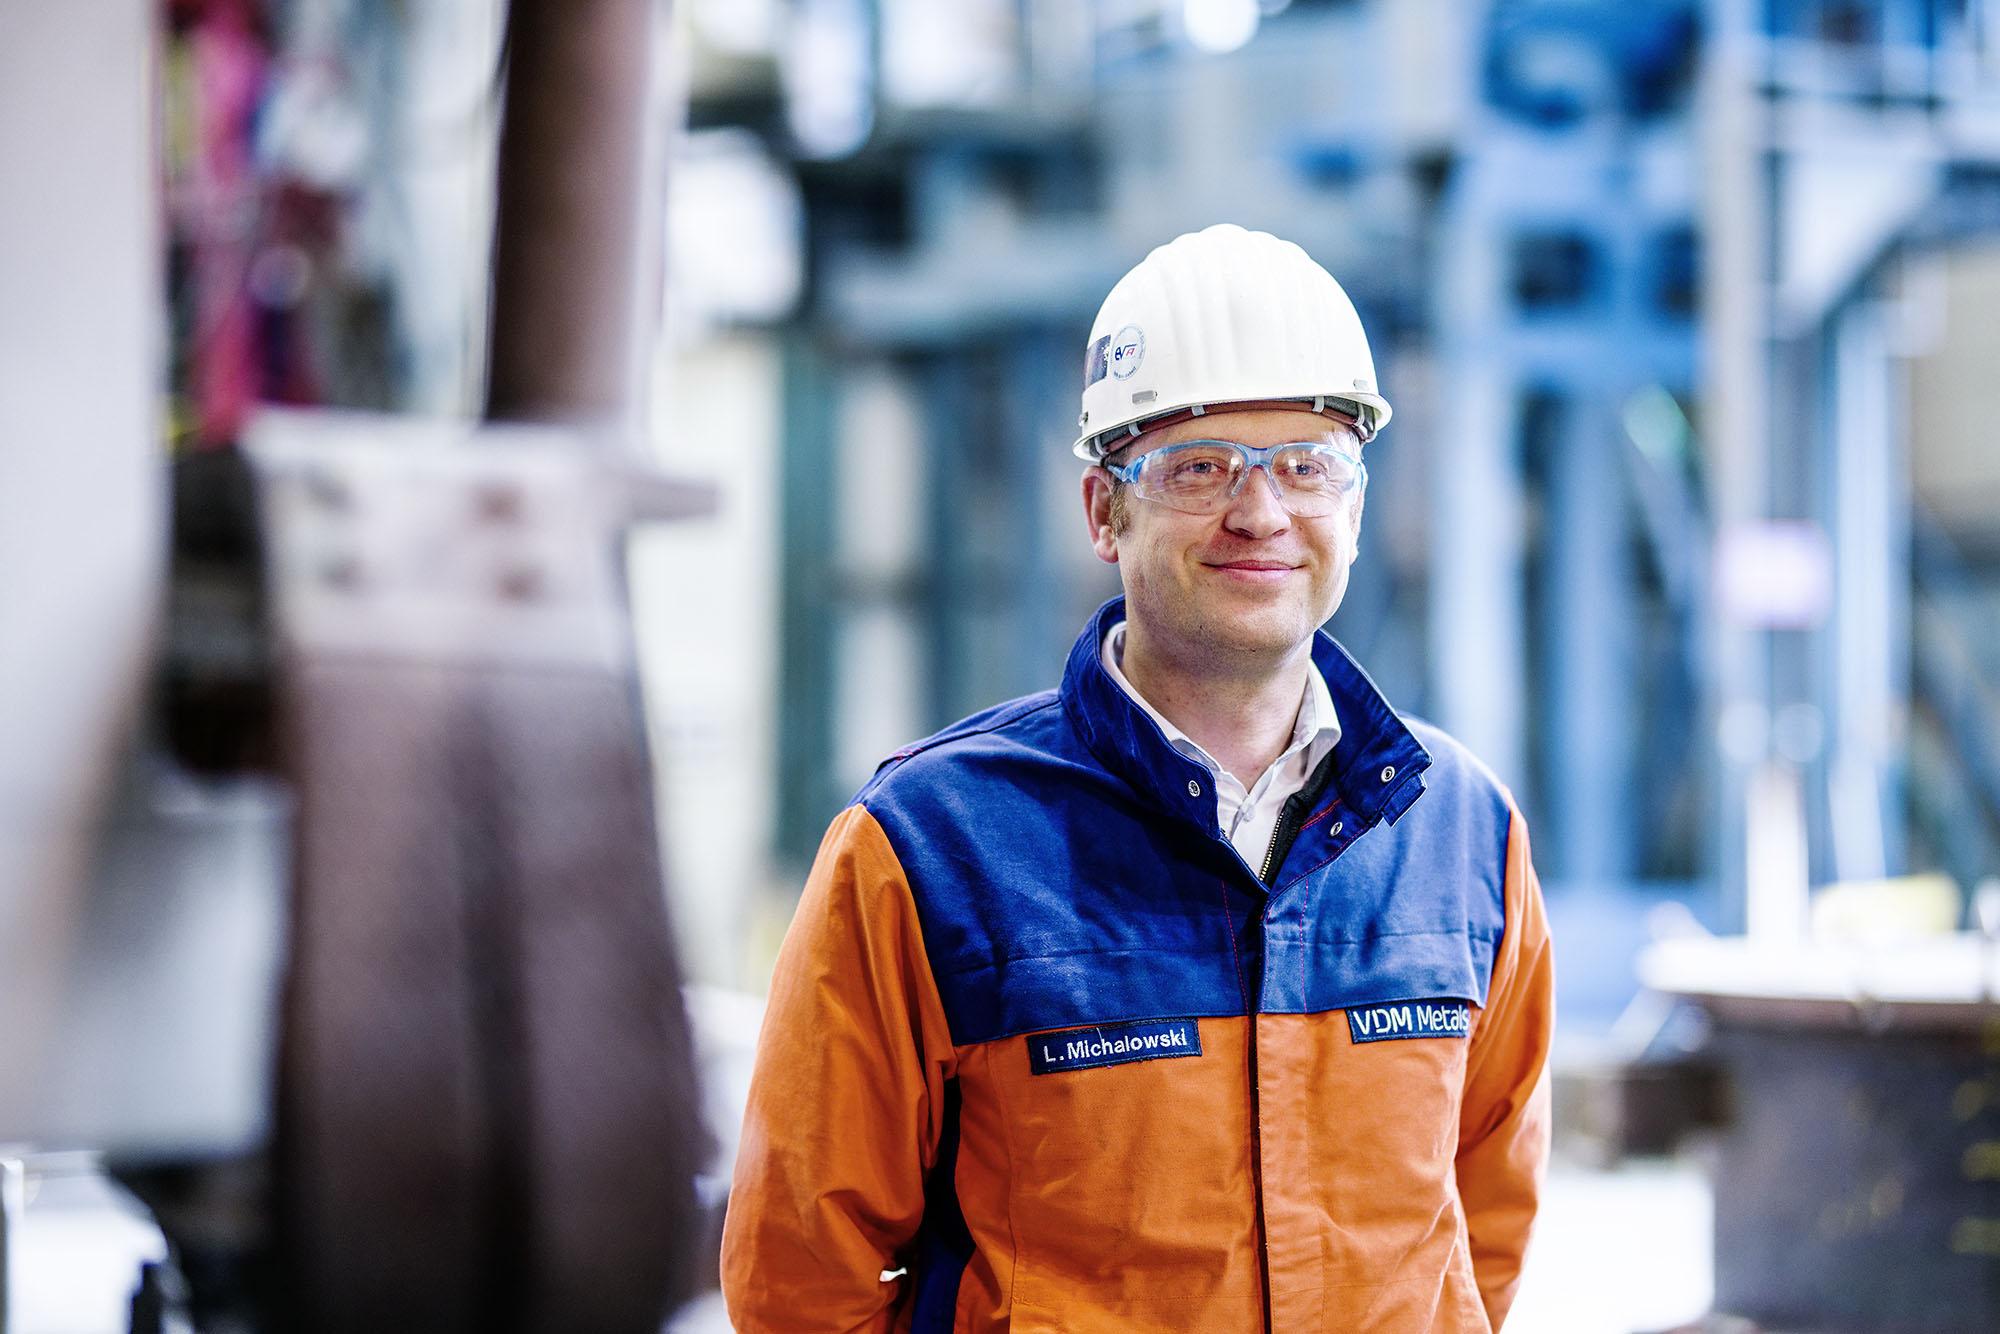 wolfram-schroll_Industriefotografie_vdm19_09